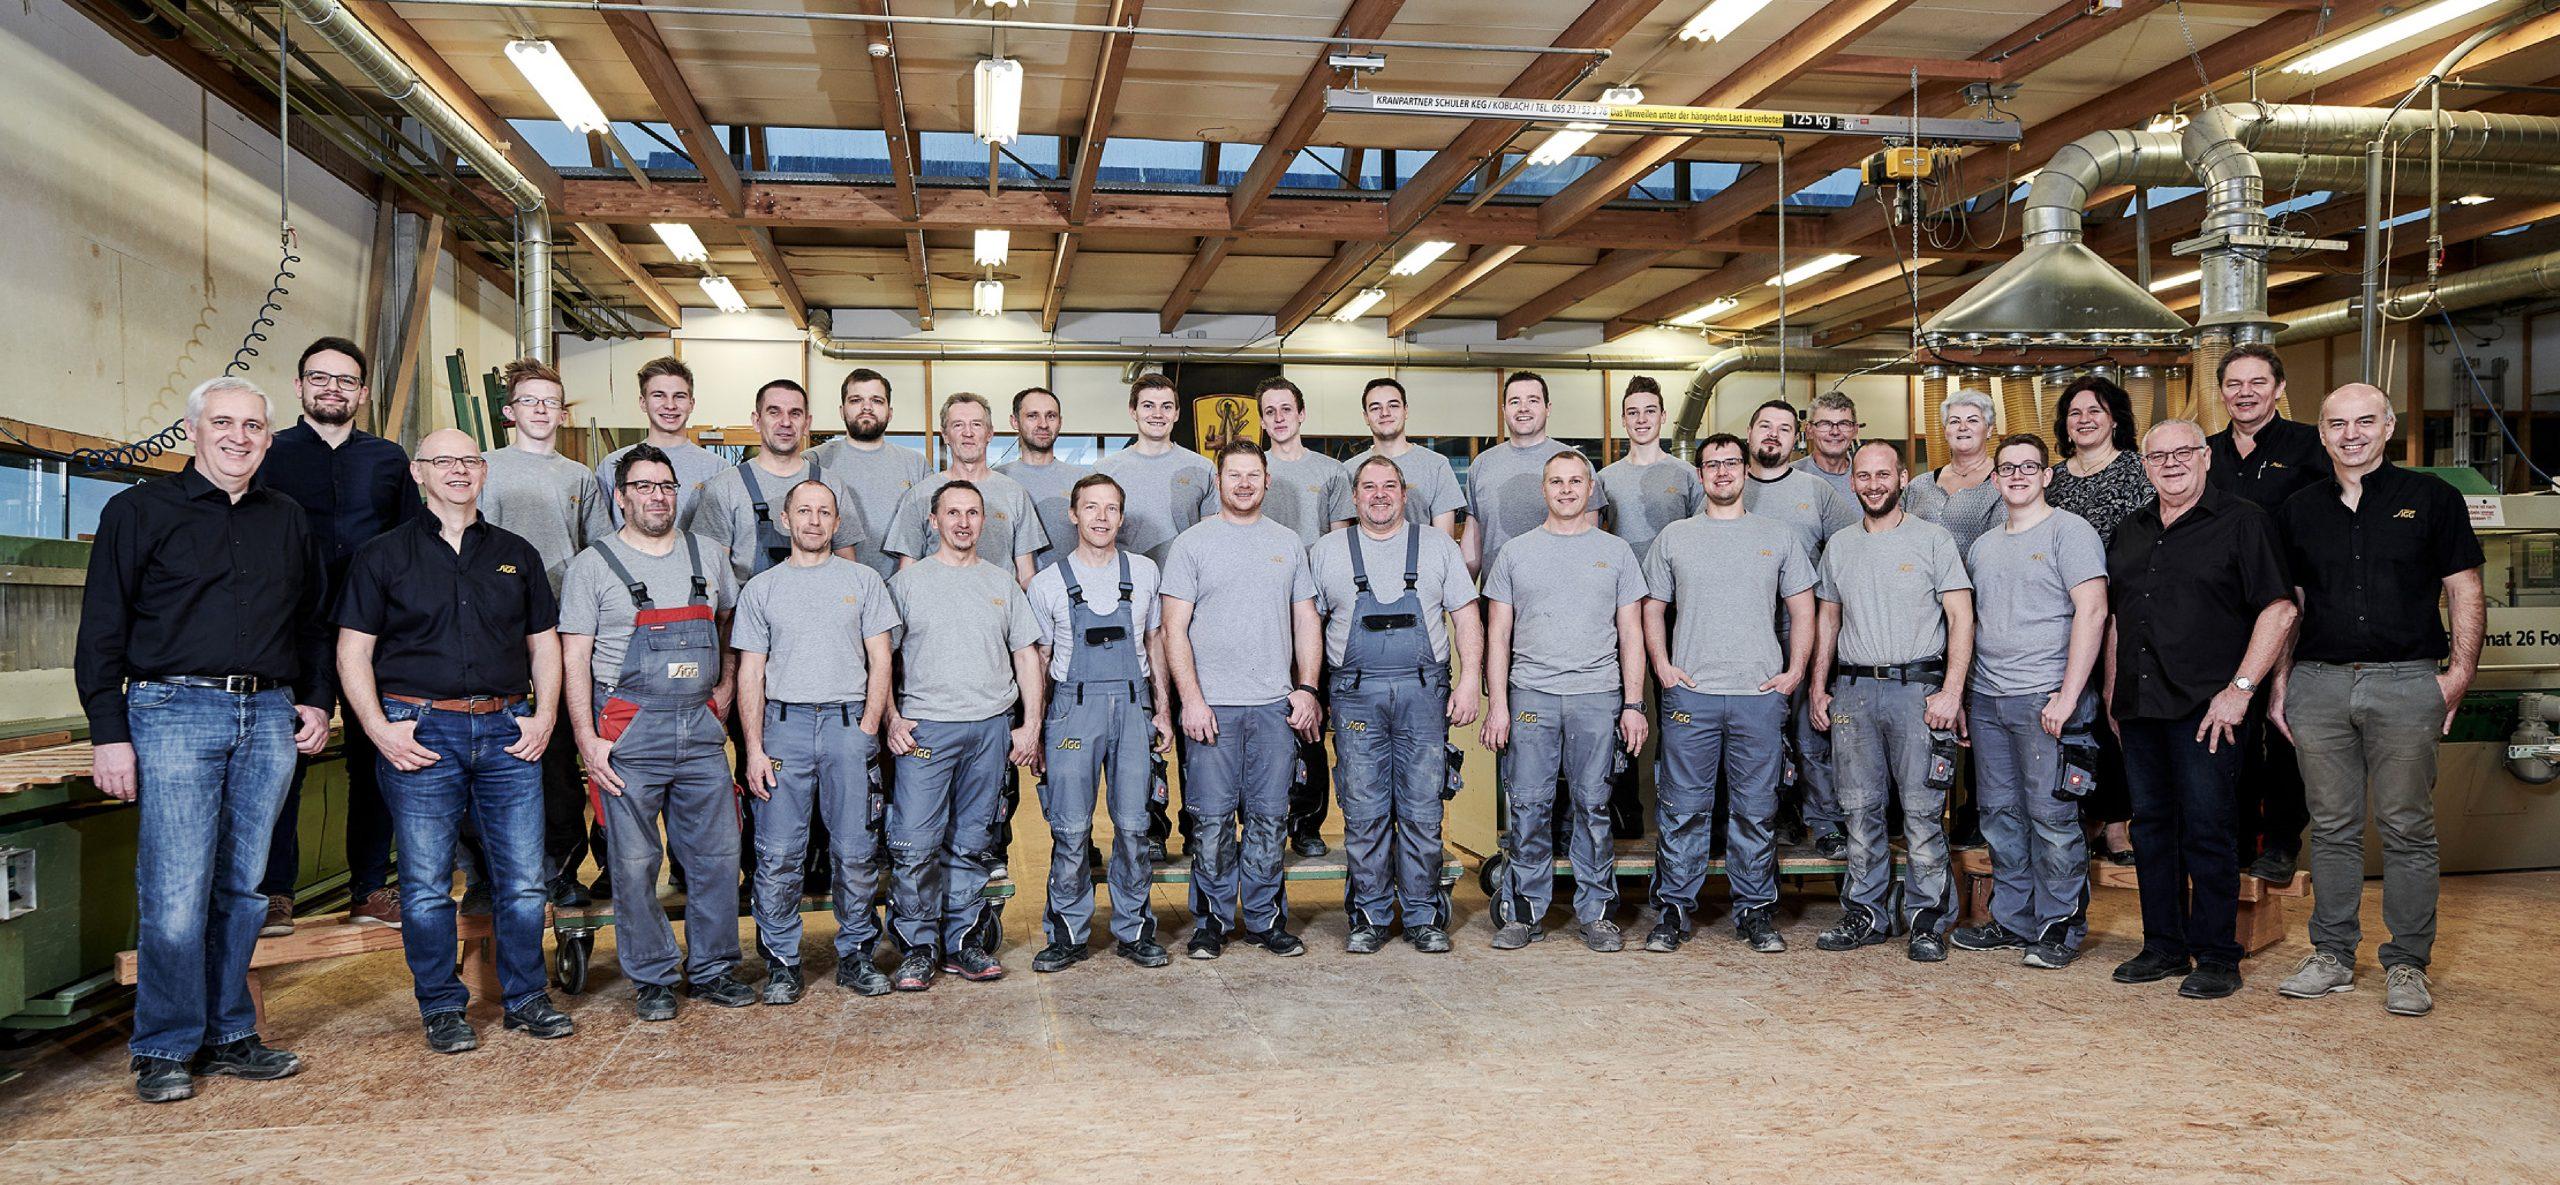 Team Tischlerei Sigg